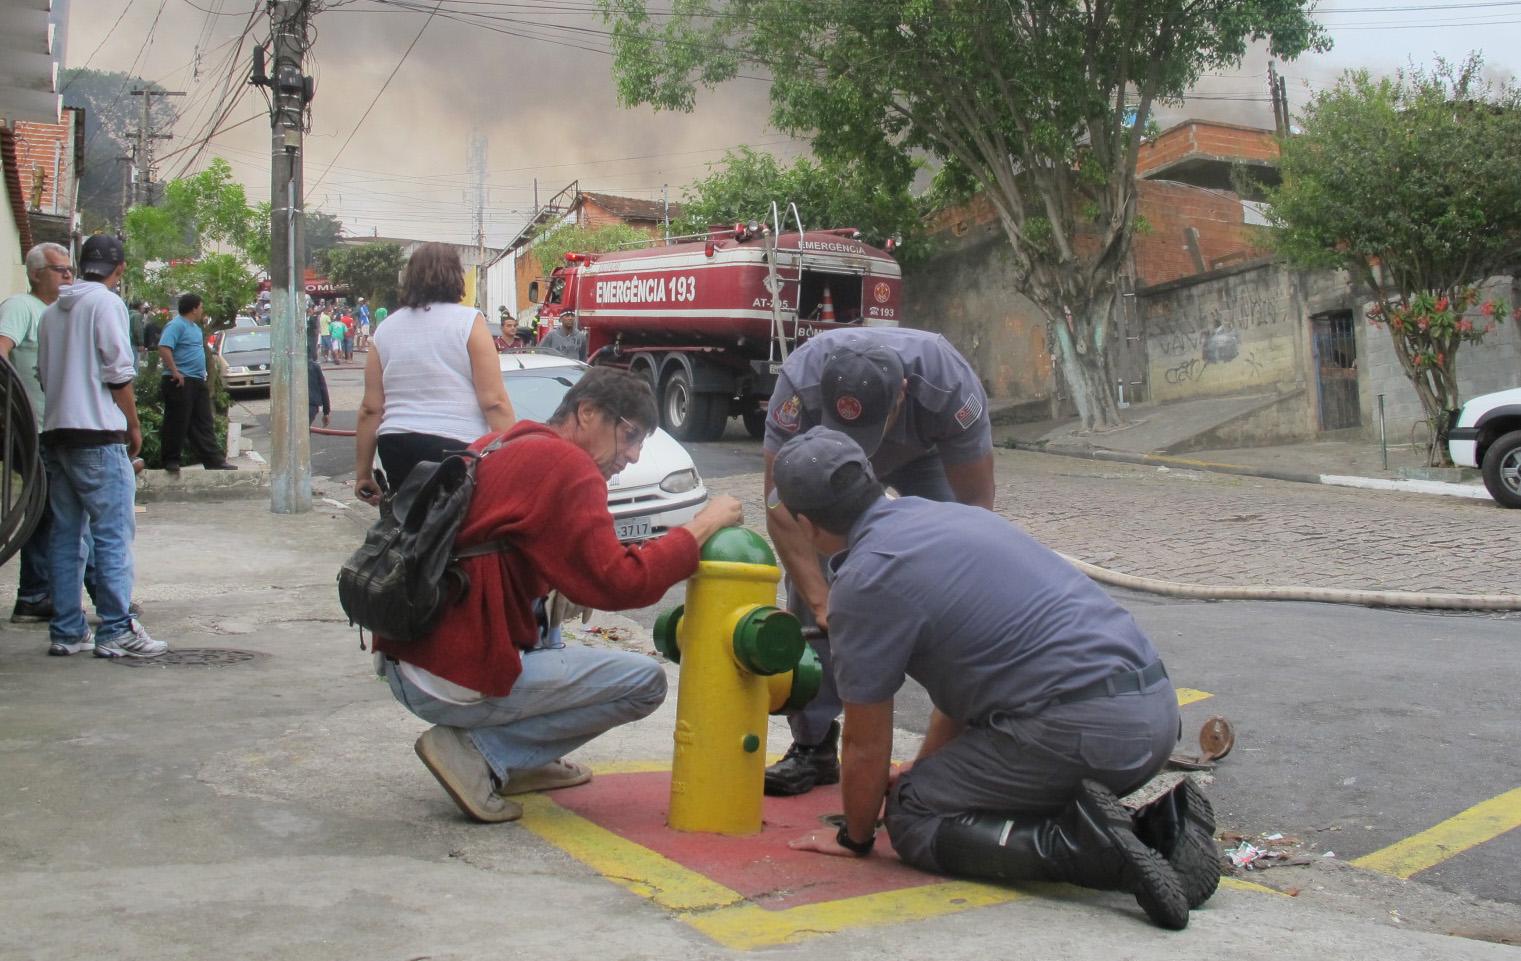 Com ajuda de moradores, bombeiros conseguiram usar água de hidrante no combate ao incêndio